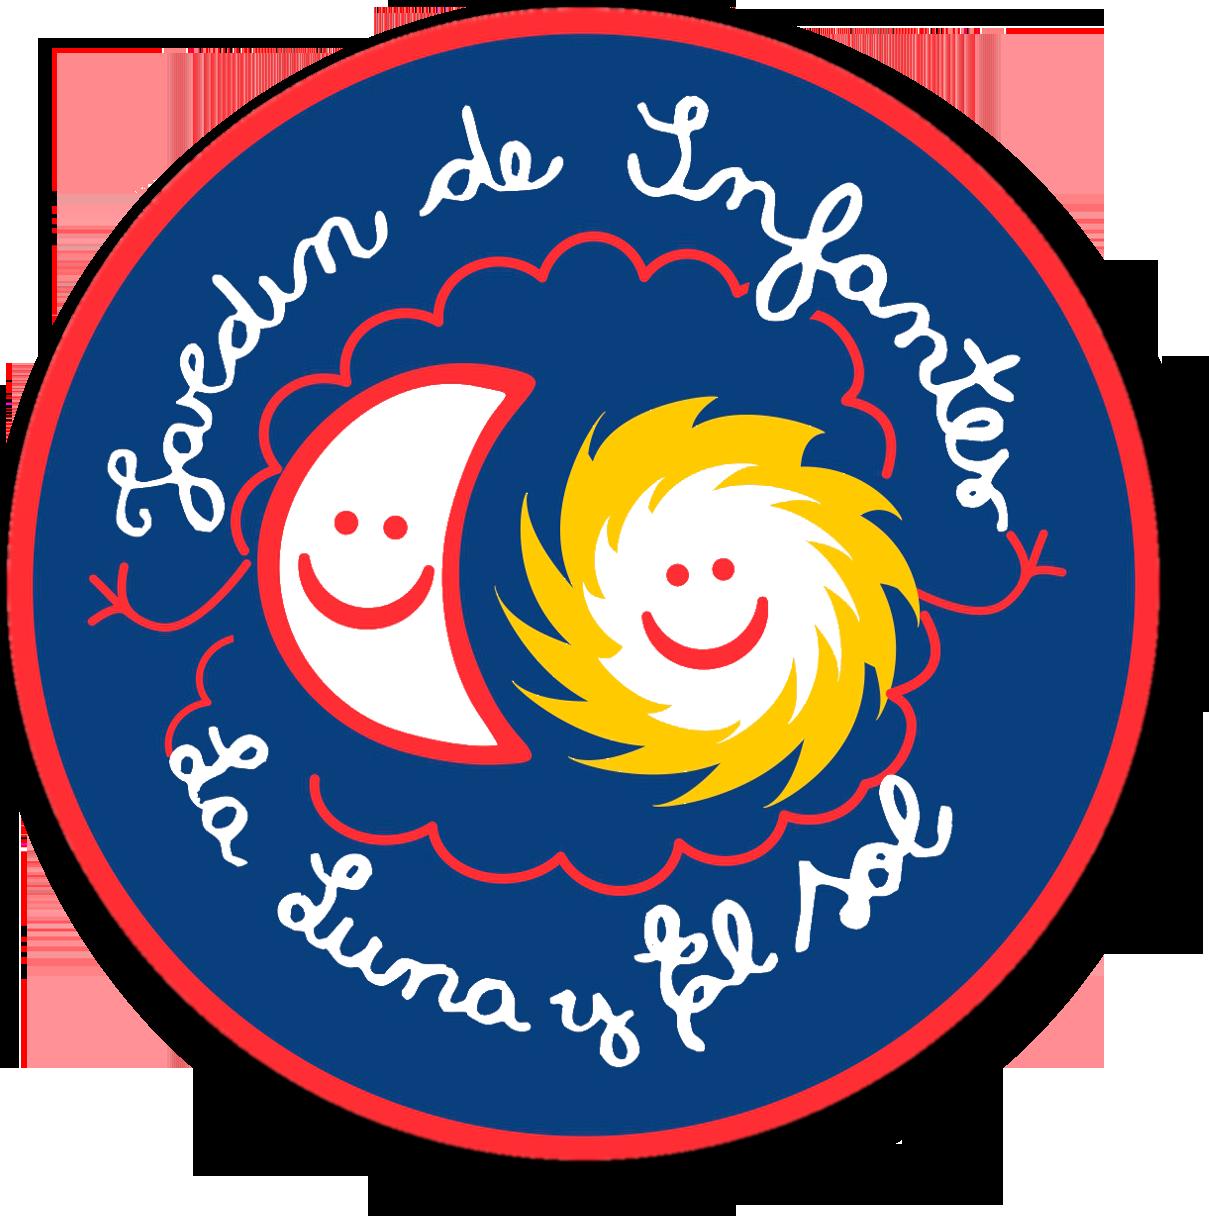 Jardín La Luna y El Sol